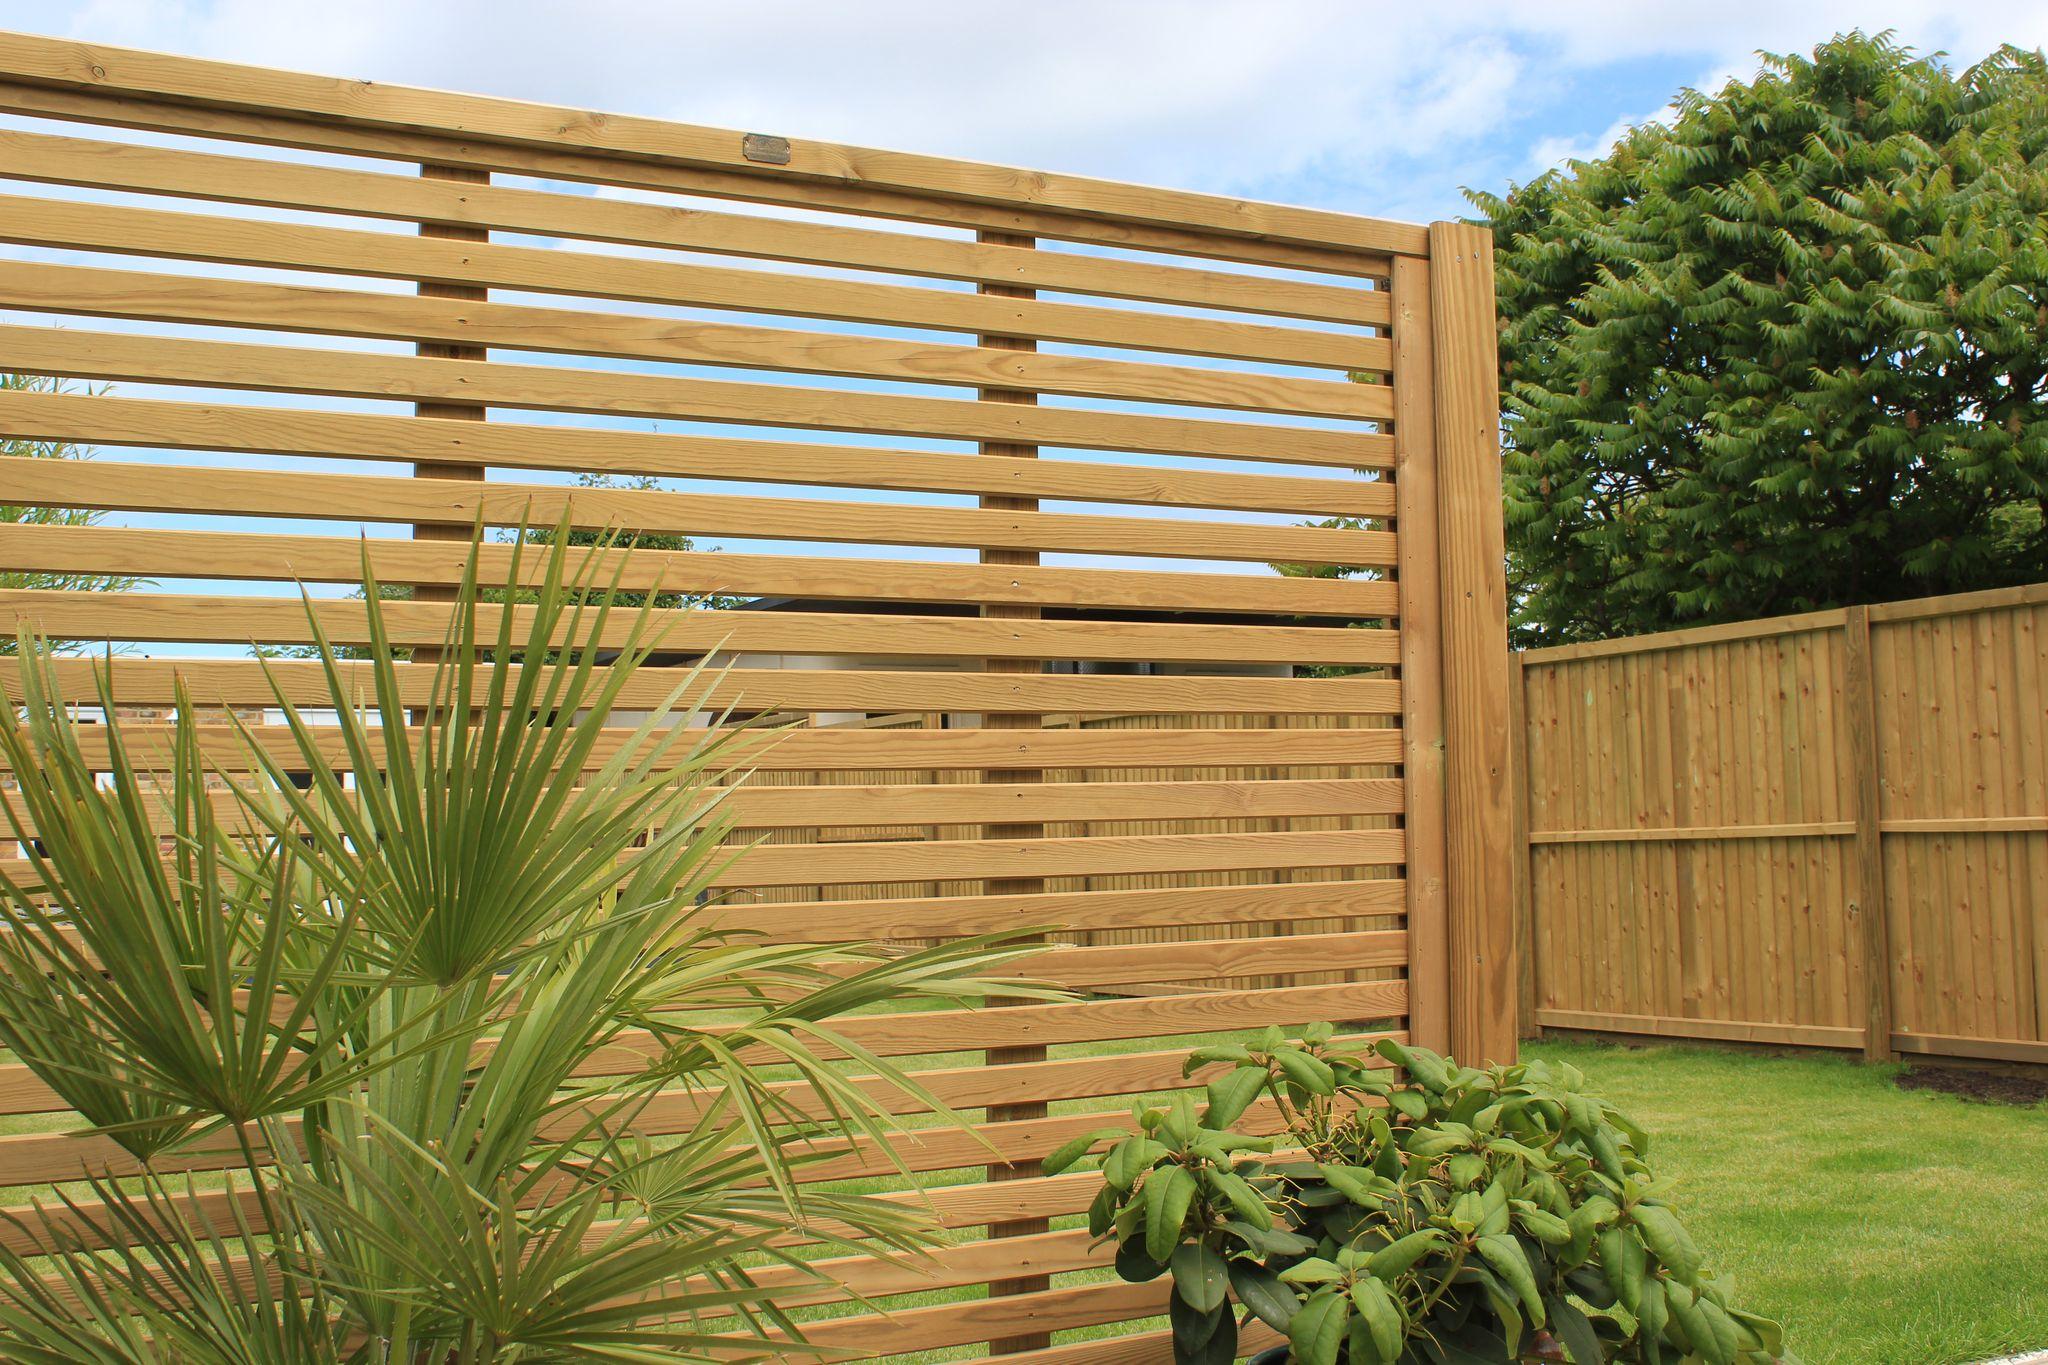 maillard paysage clôture bois jacksons panneau vénitien